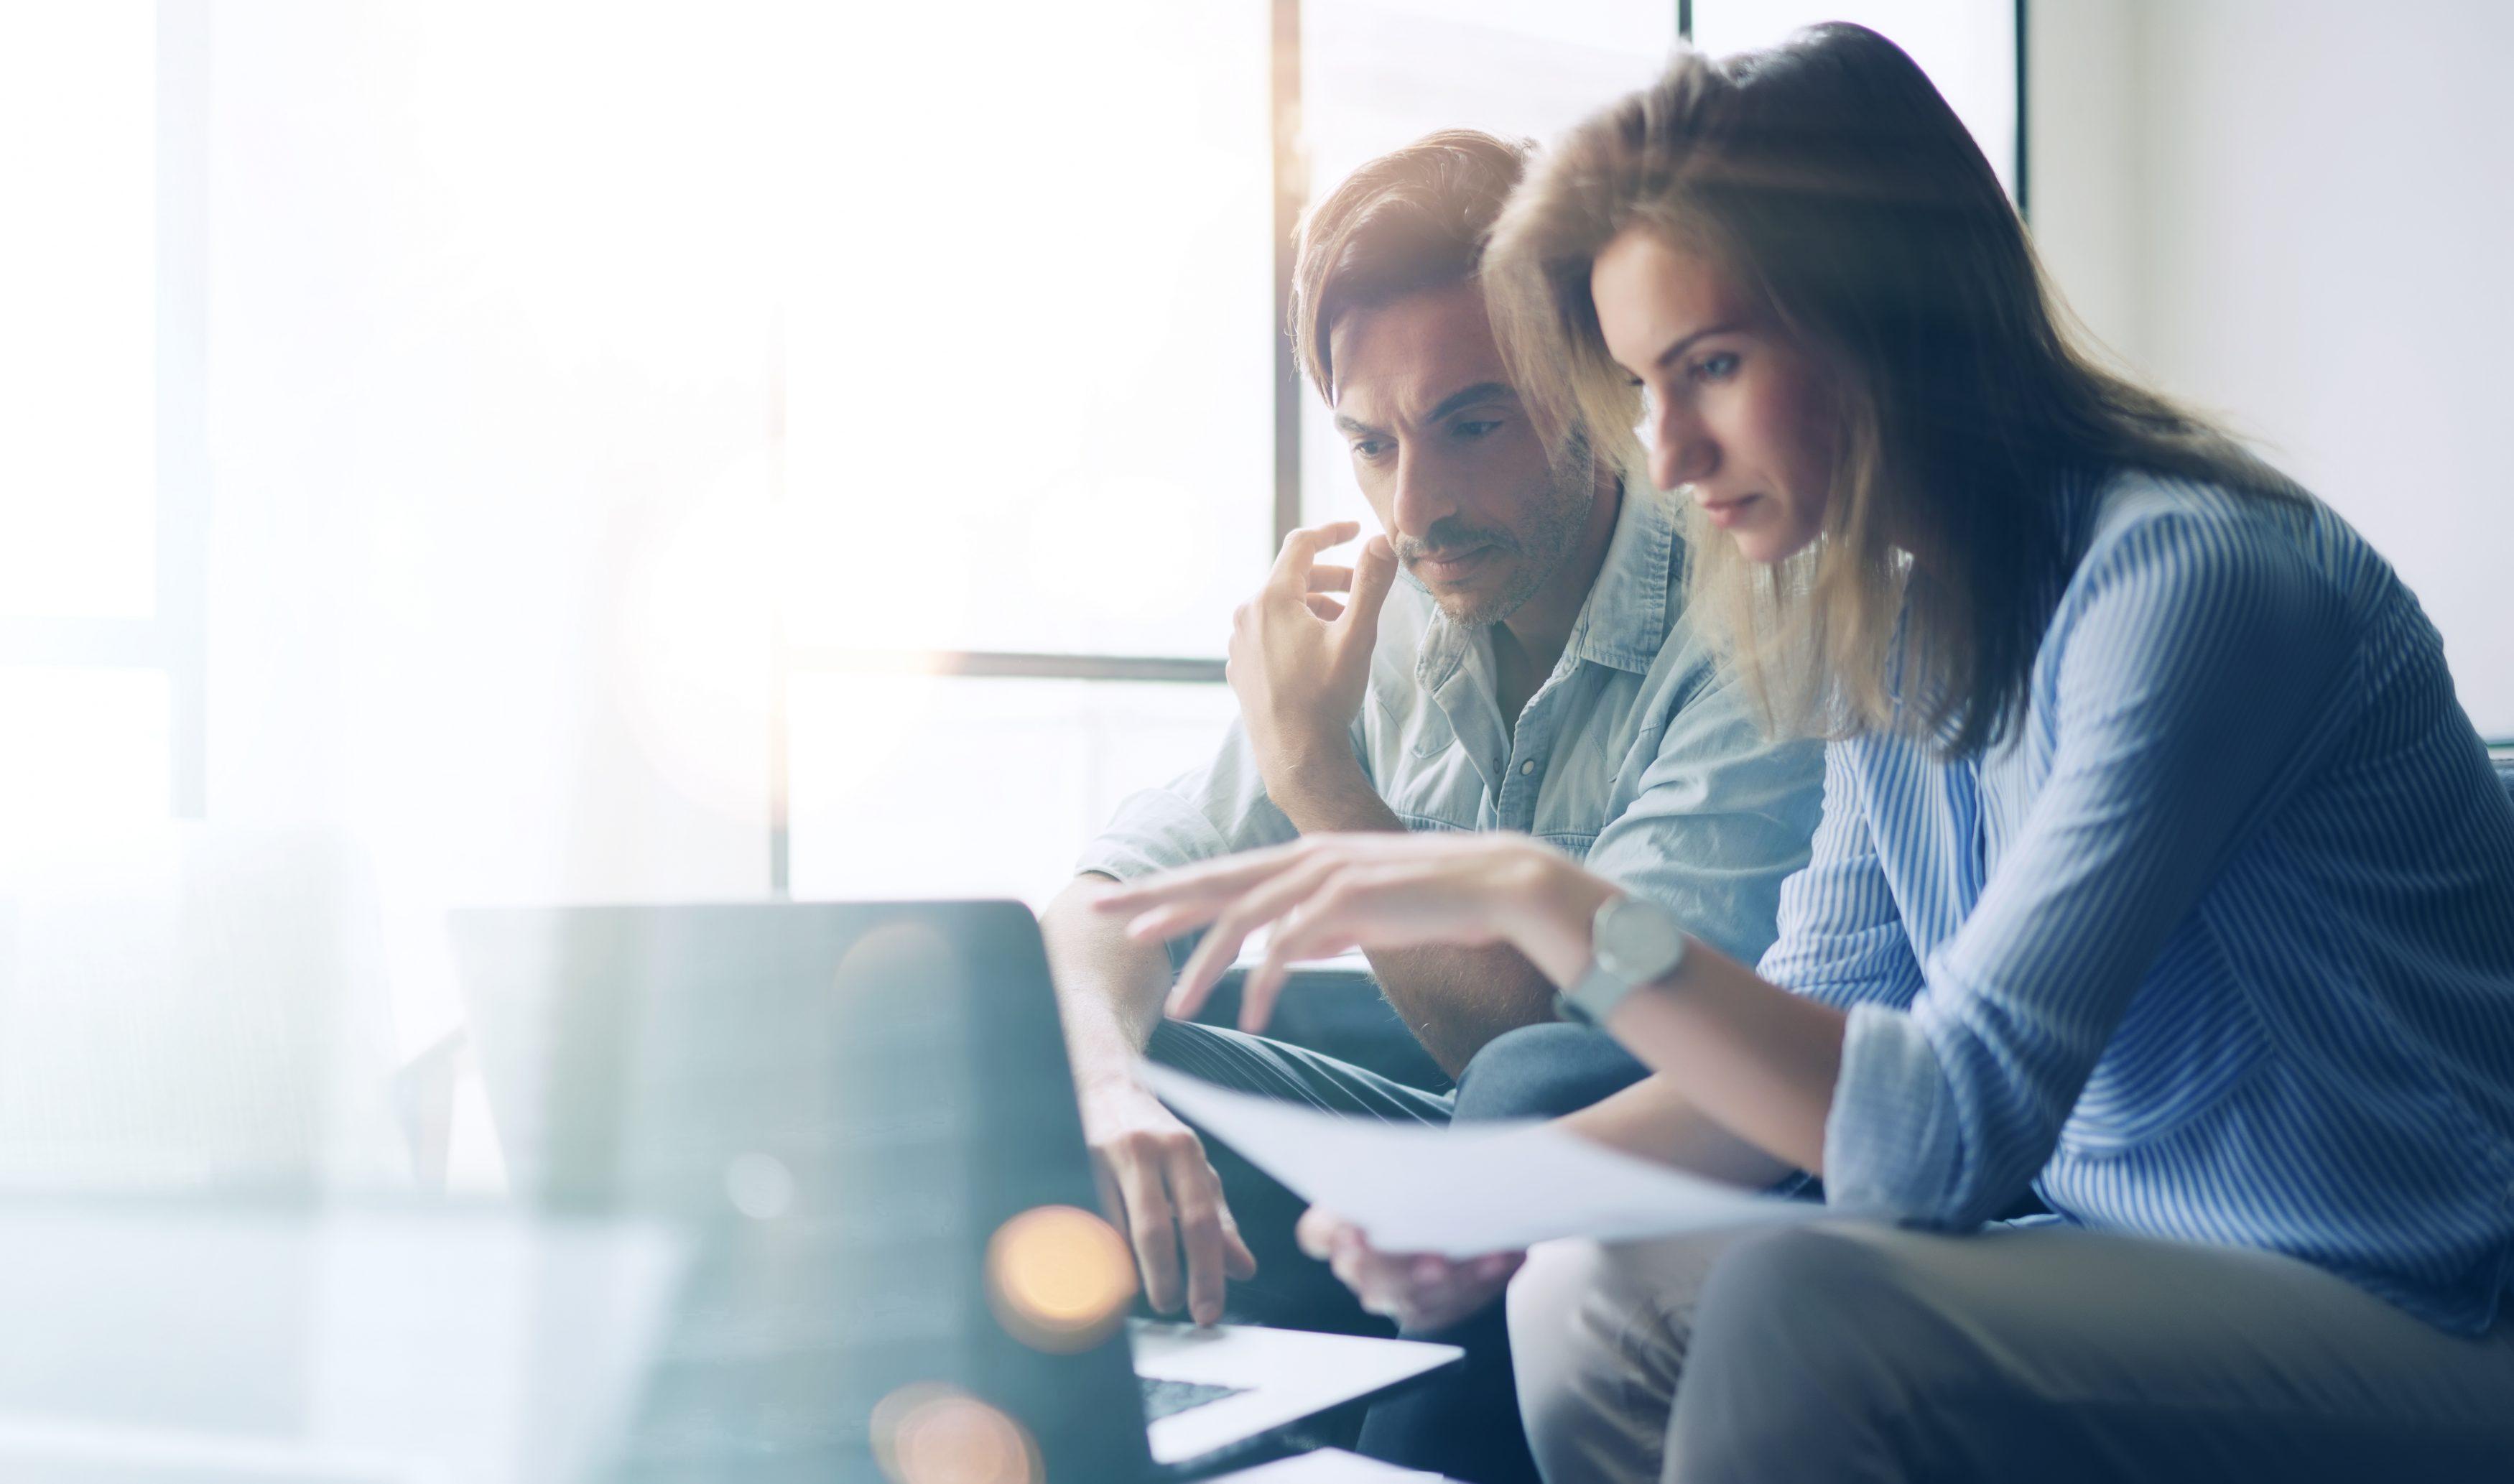 Die 3 entscheidenden Kriterien für die Suche nach Deinem passenden Coworking Space